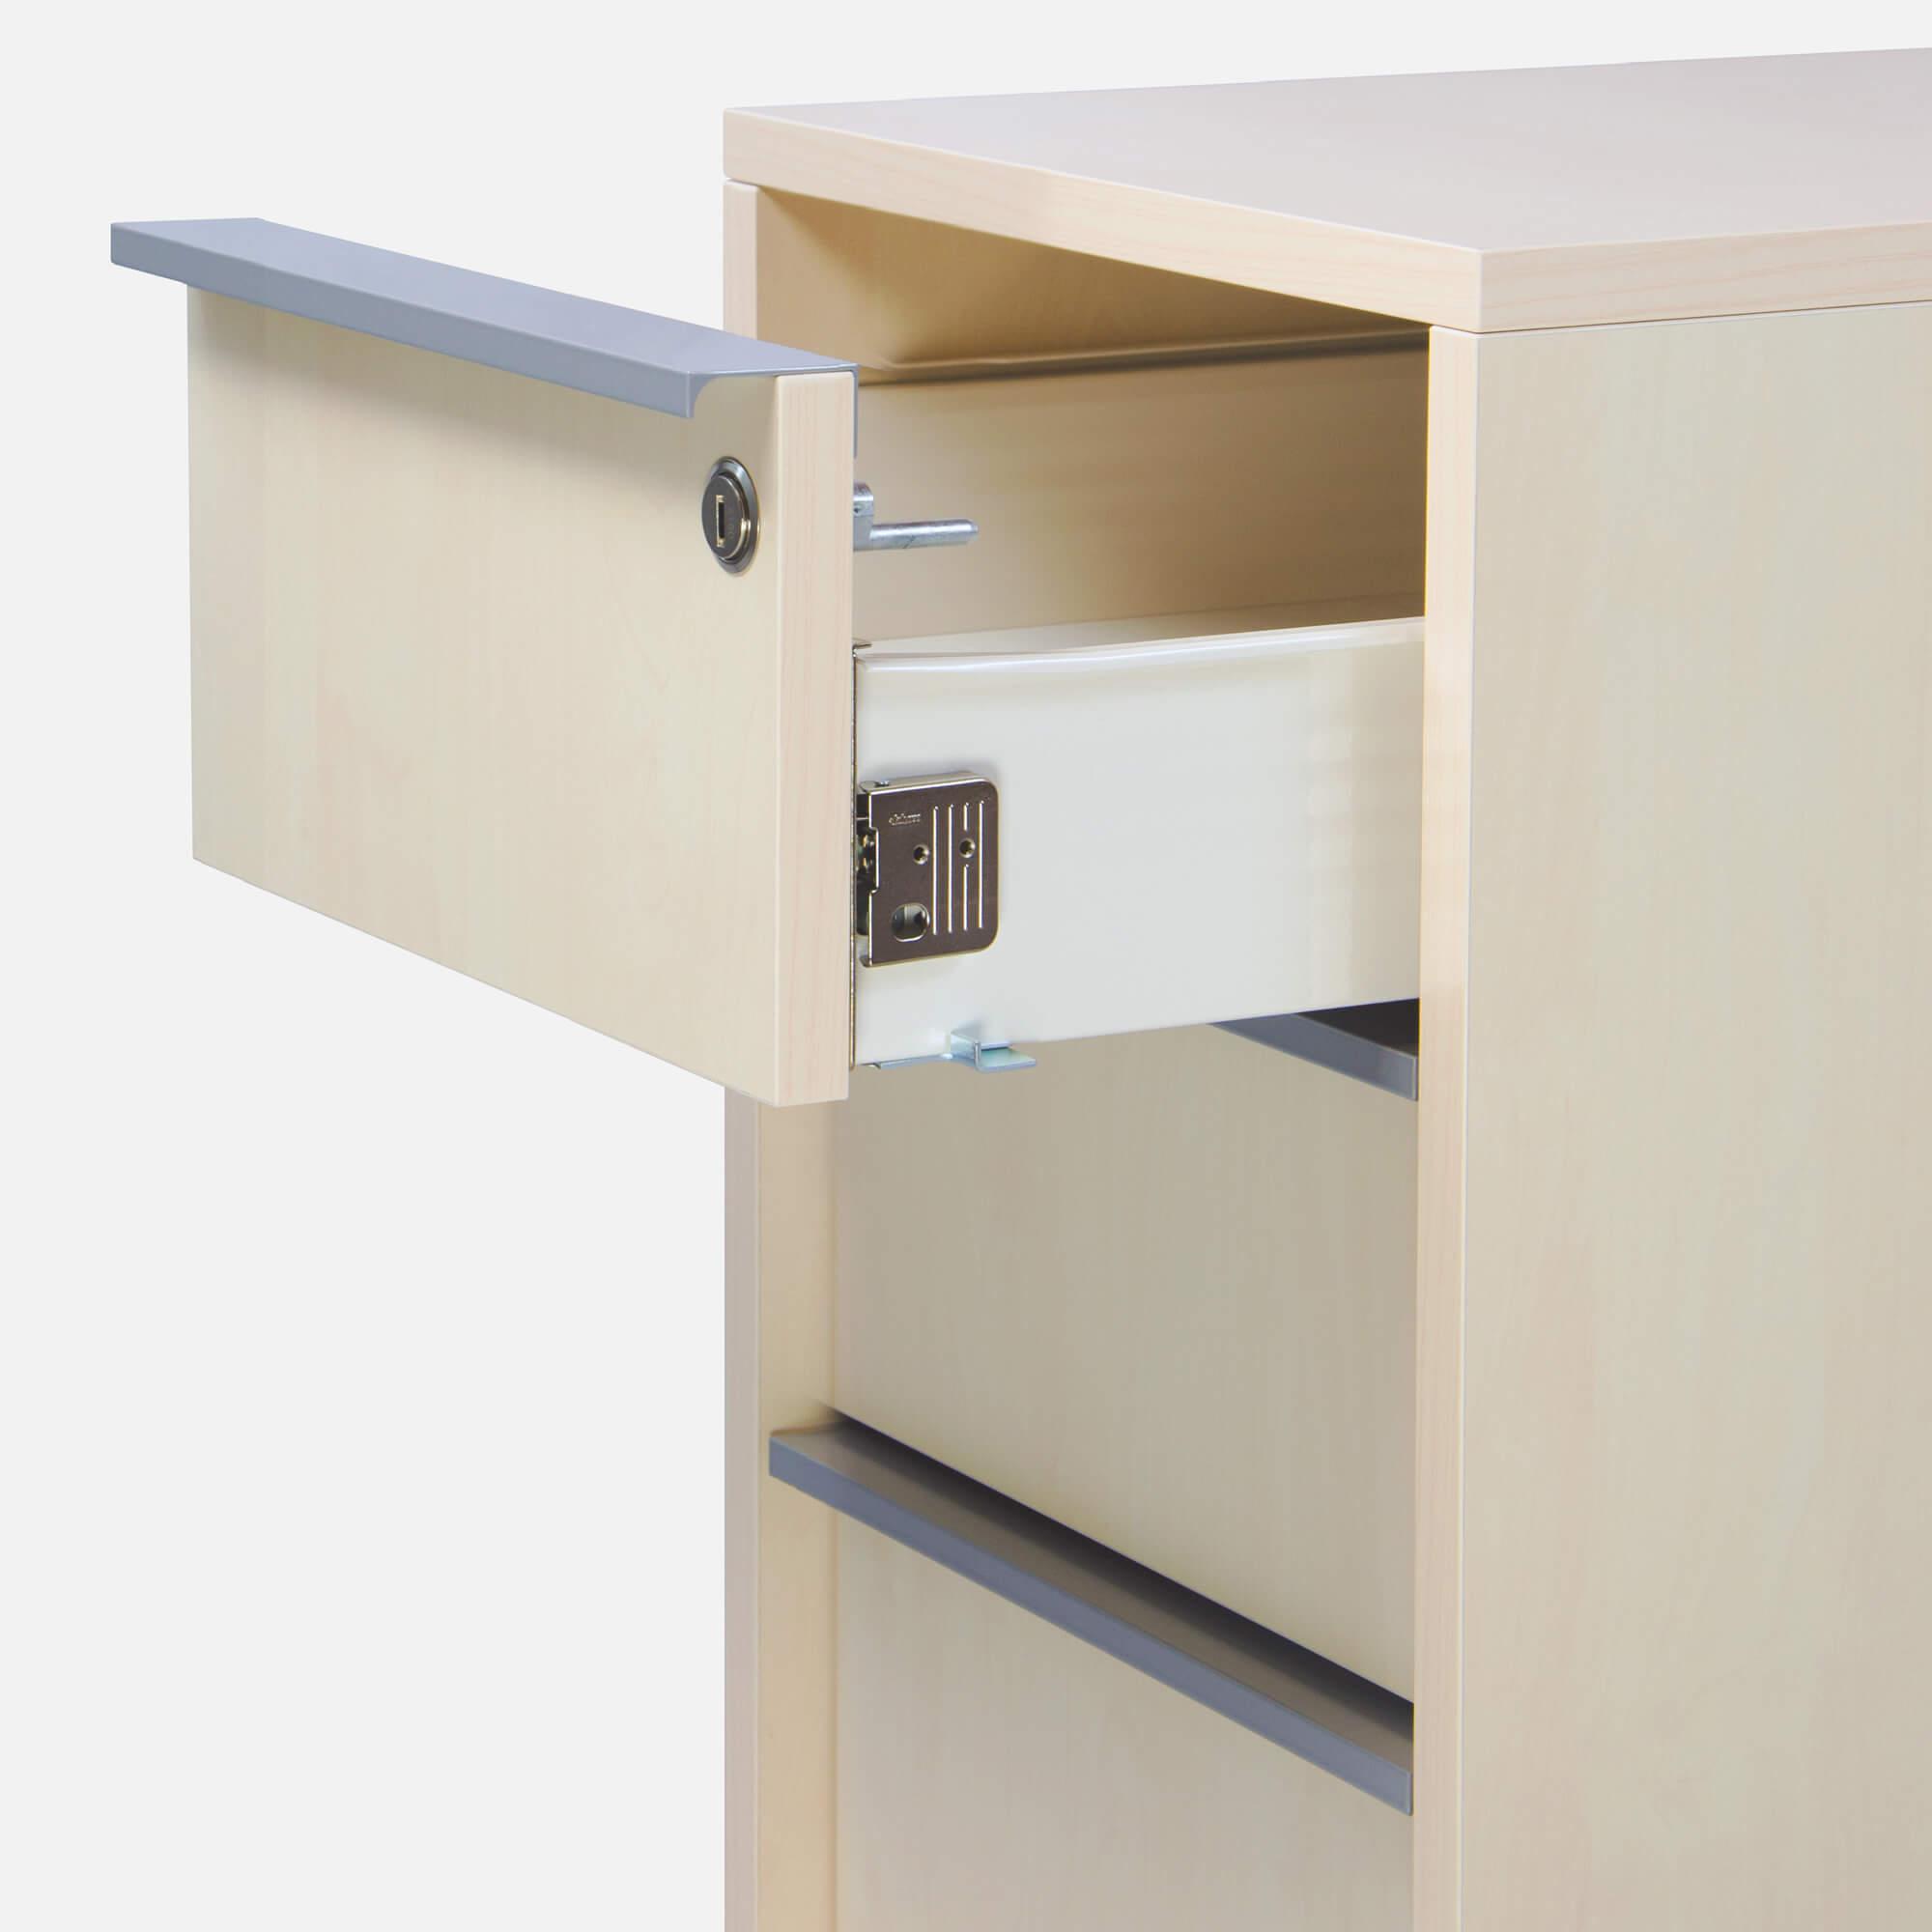 PROFI NOVA Rollcontainer 60cm tief extra schmal Ahorn Rollschrank Büro Container Schrank Bürocontainer